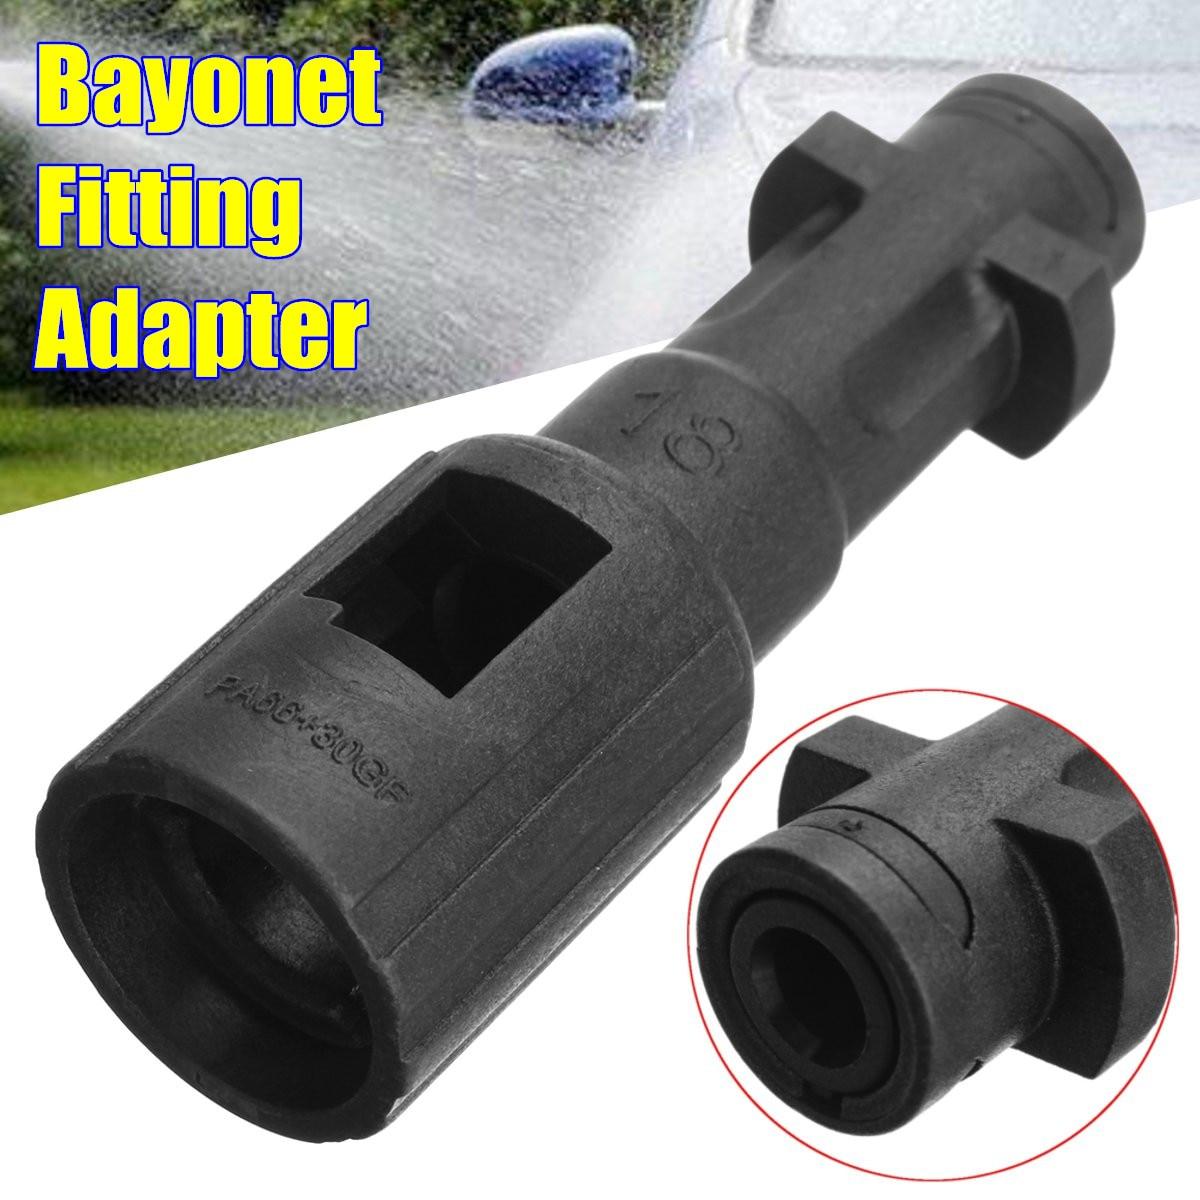 Bayonet Fitting Adapter Black For Kew For Nilfisk For Alto To Kar Cher K Series